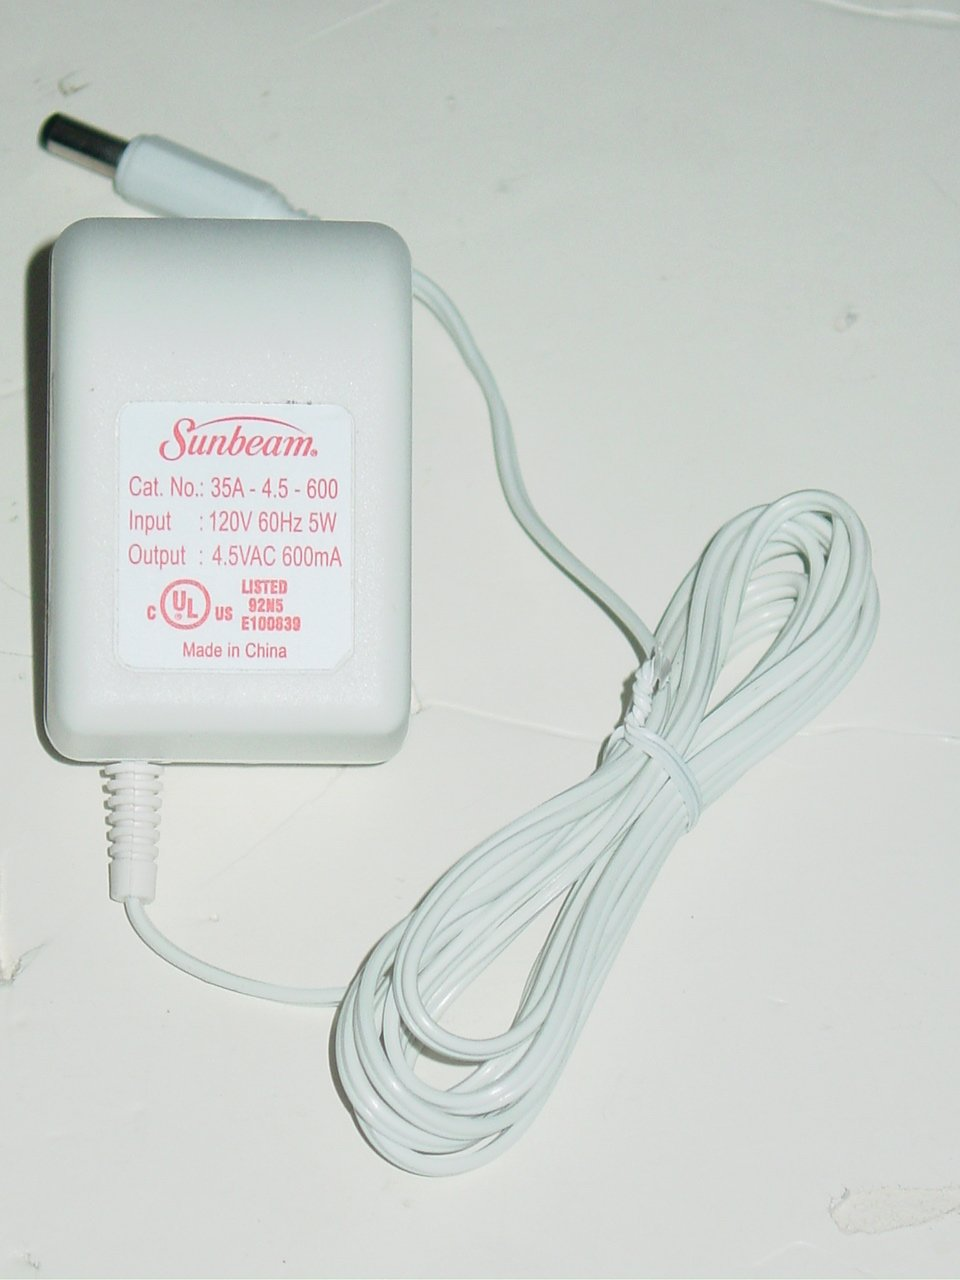 Sunbeam 35A-4.5-600 AC Adapter 4.5VAC 600mA